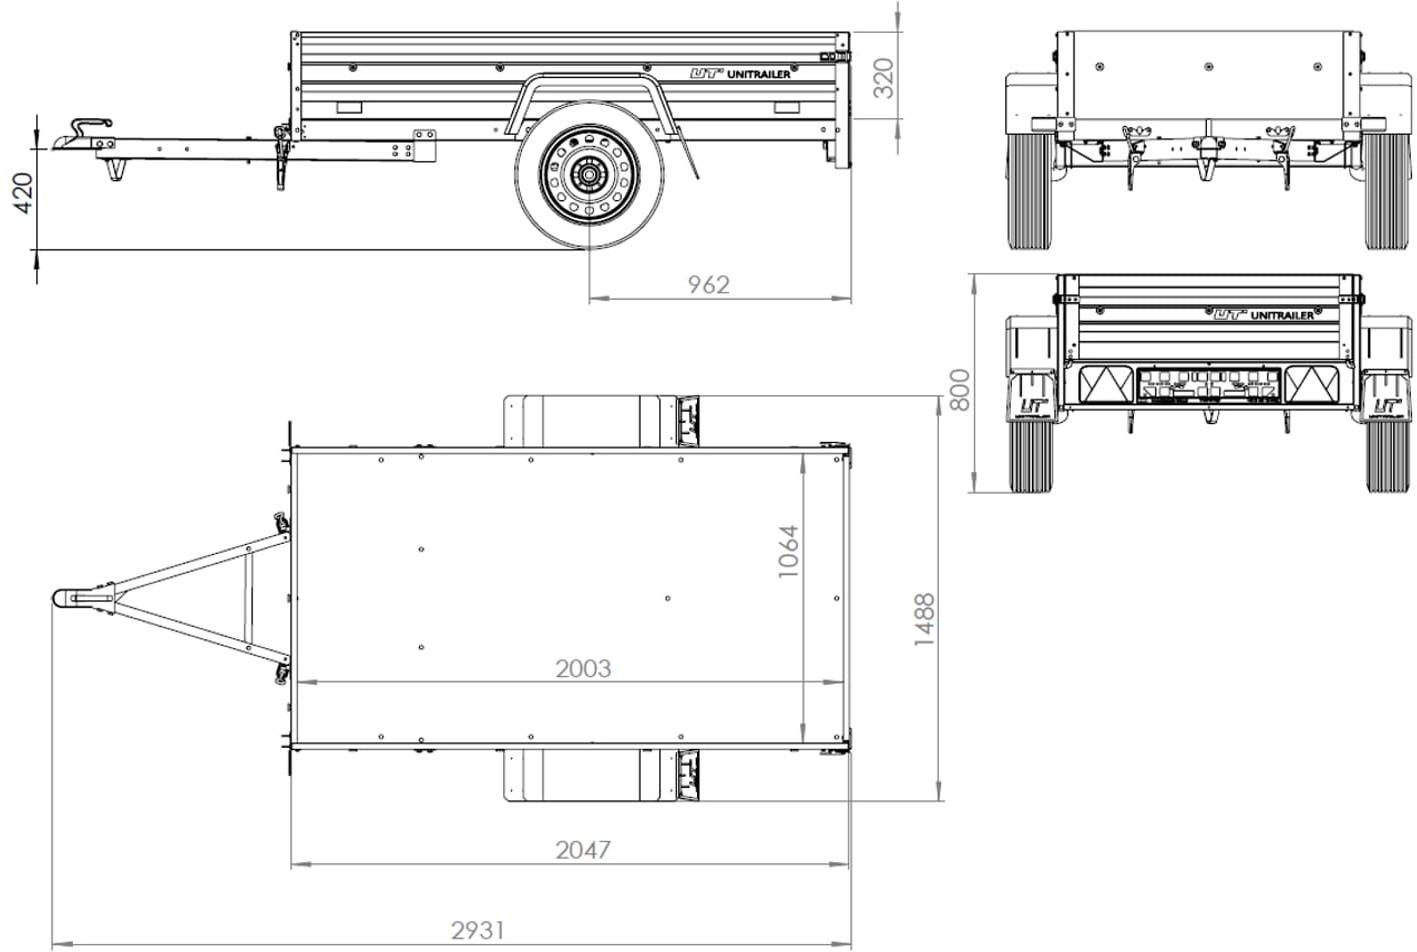 UNITRAILER Przyczepa do samochodu Garden Trailer 200 z burtami siatkowymi i stelażem z plandeką UT002196